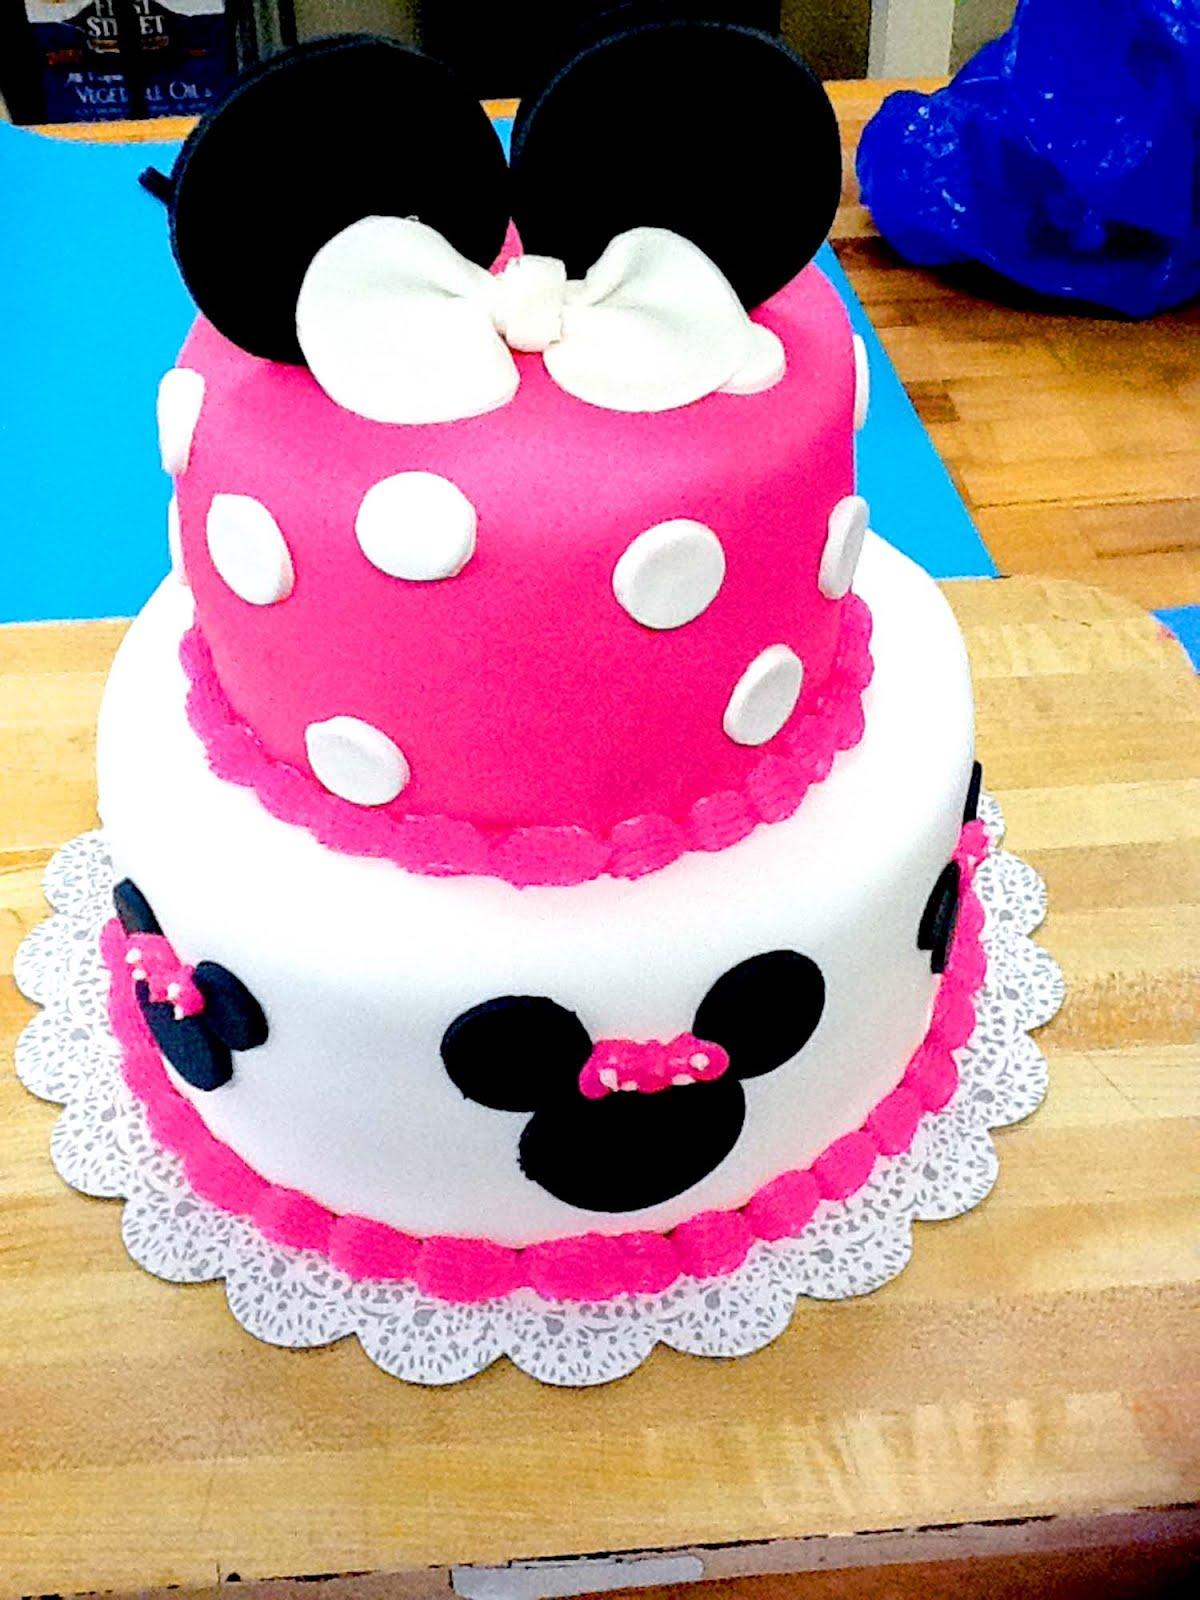 Tier Minnie Mouse Cake Price